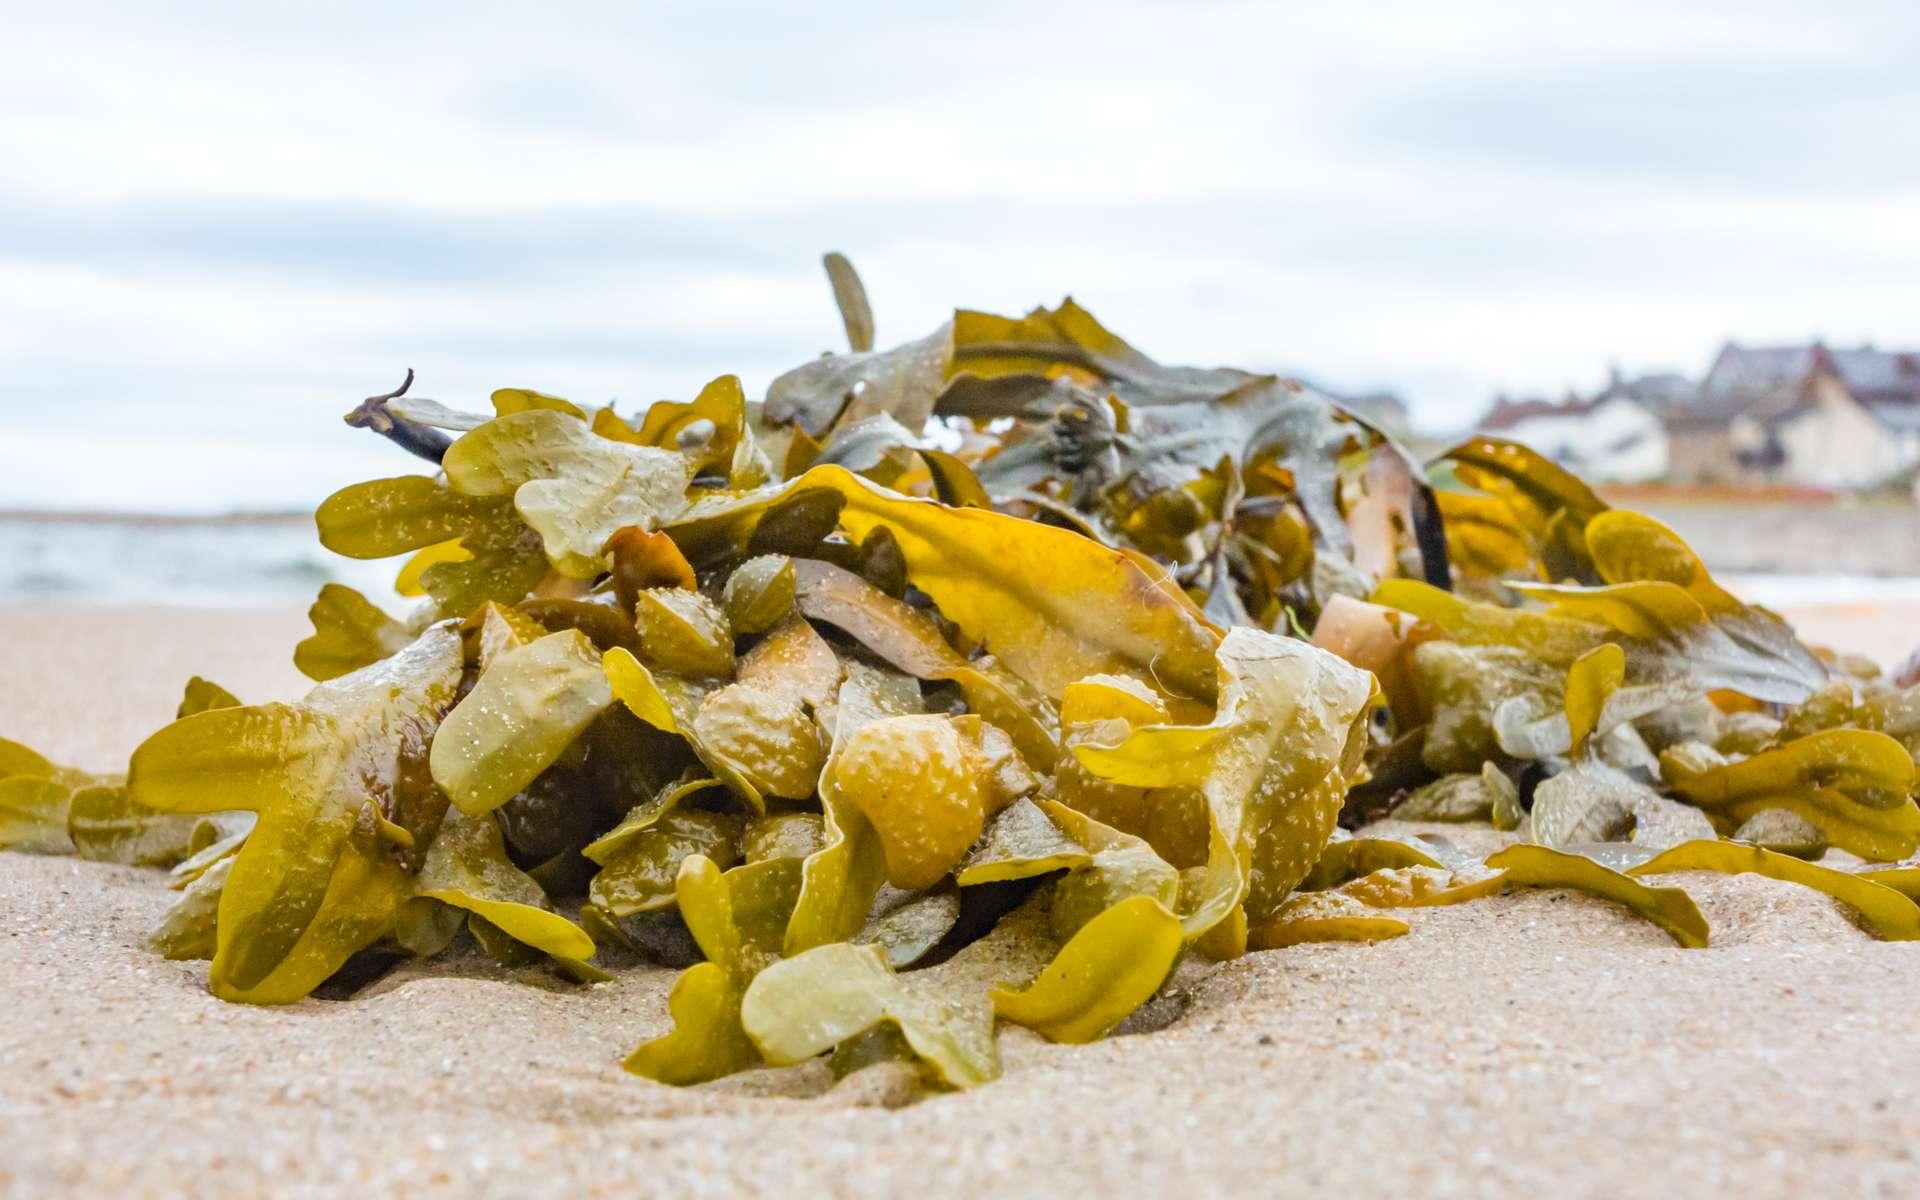 Les algues possèdent de très nombreuses qualités et remplacent les produits issus de la pétrochimie utilisés dans la composition des peintures. Résultat, une nouvelle gamme de peintures biosourcées à 98 %. © stylefoto24, Adobe Stock